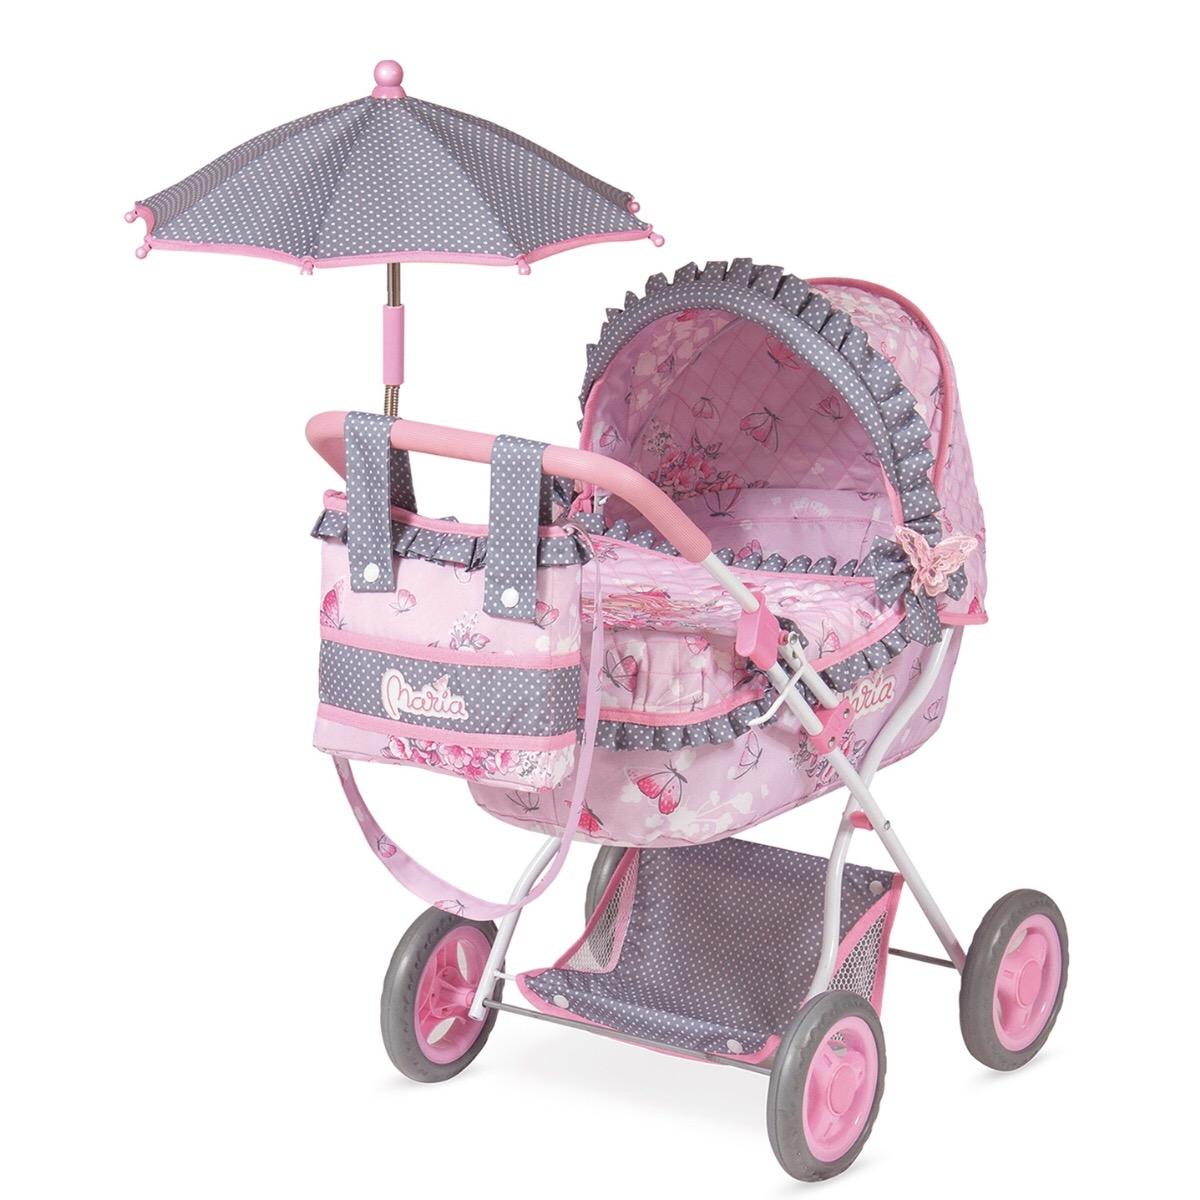 Коляска с сумкой и зонтом - Мария, 65 см